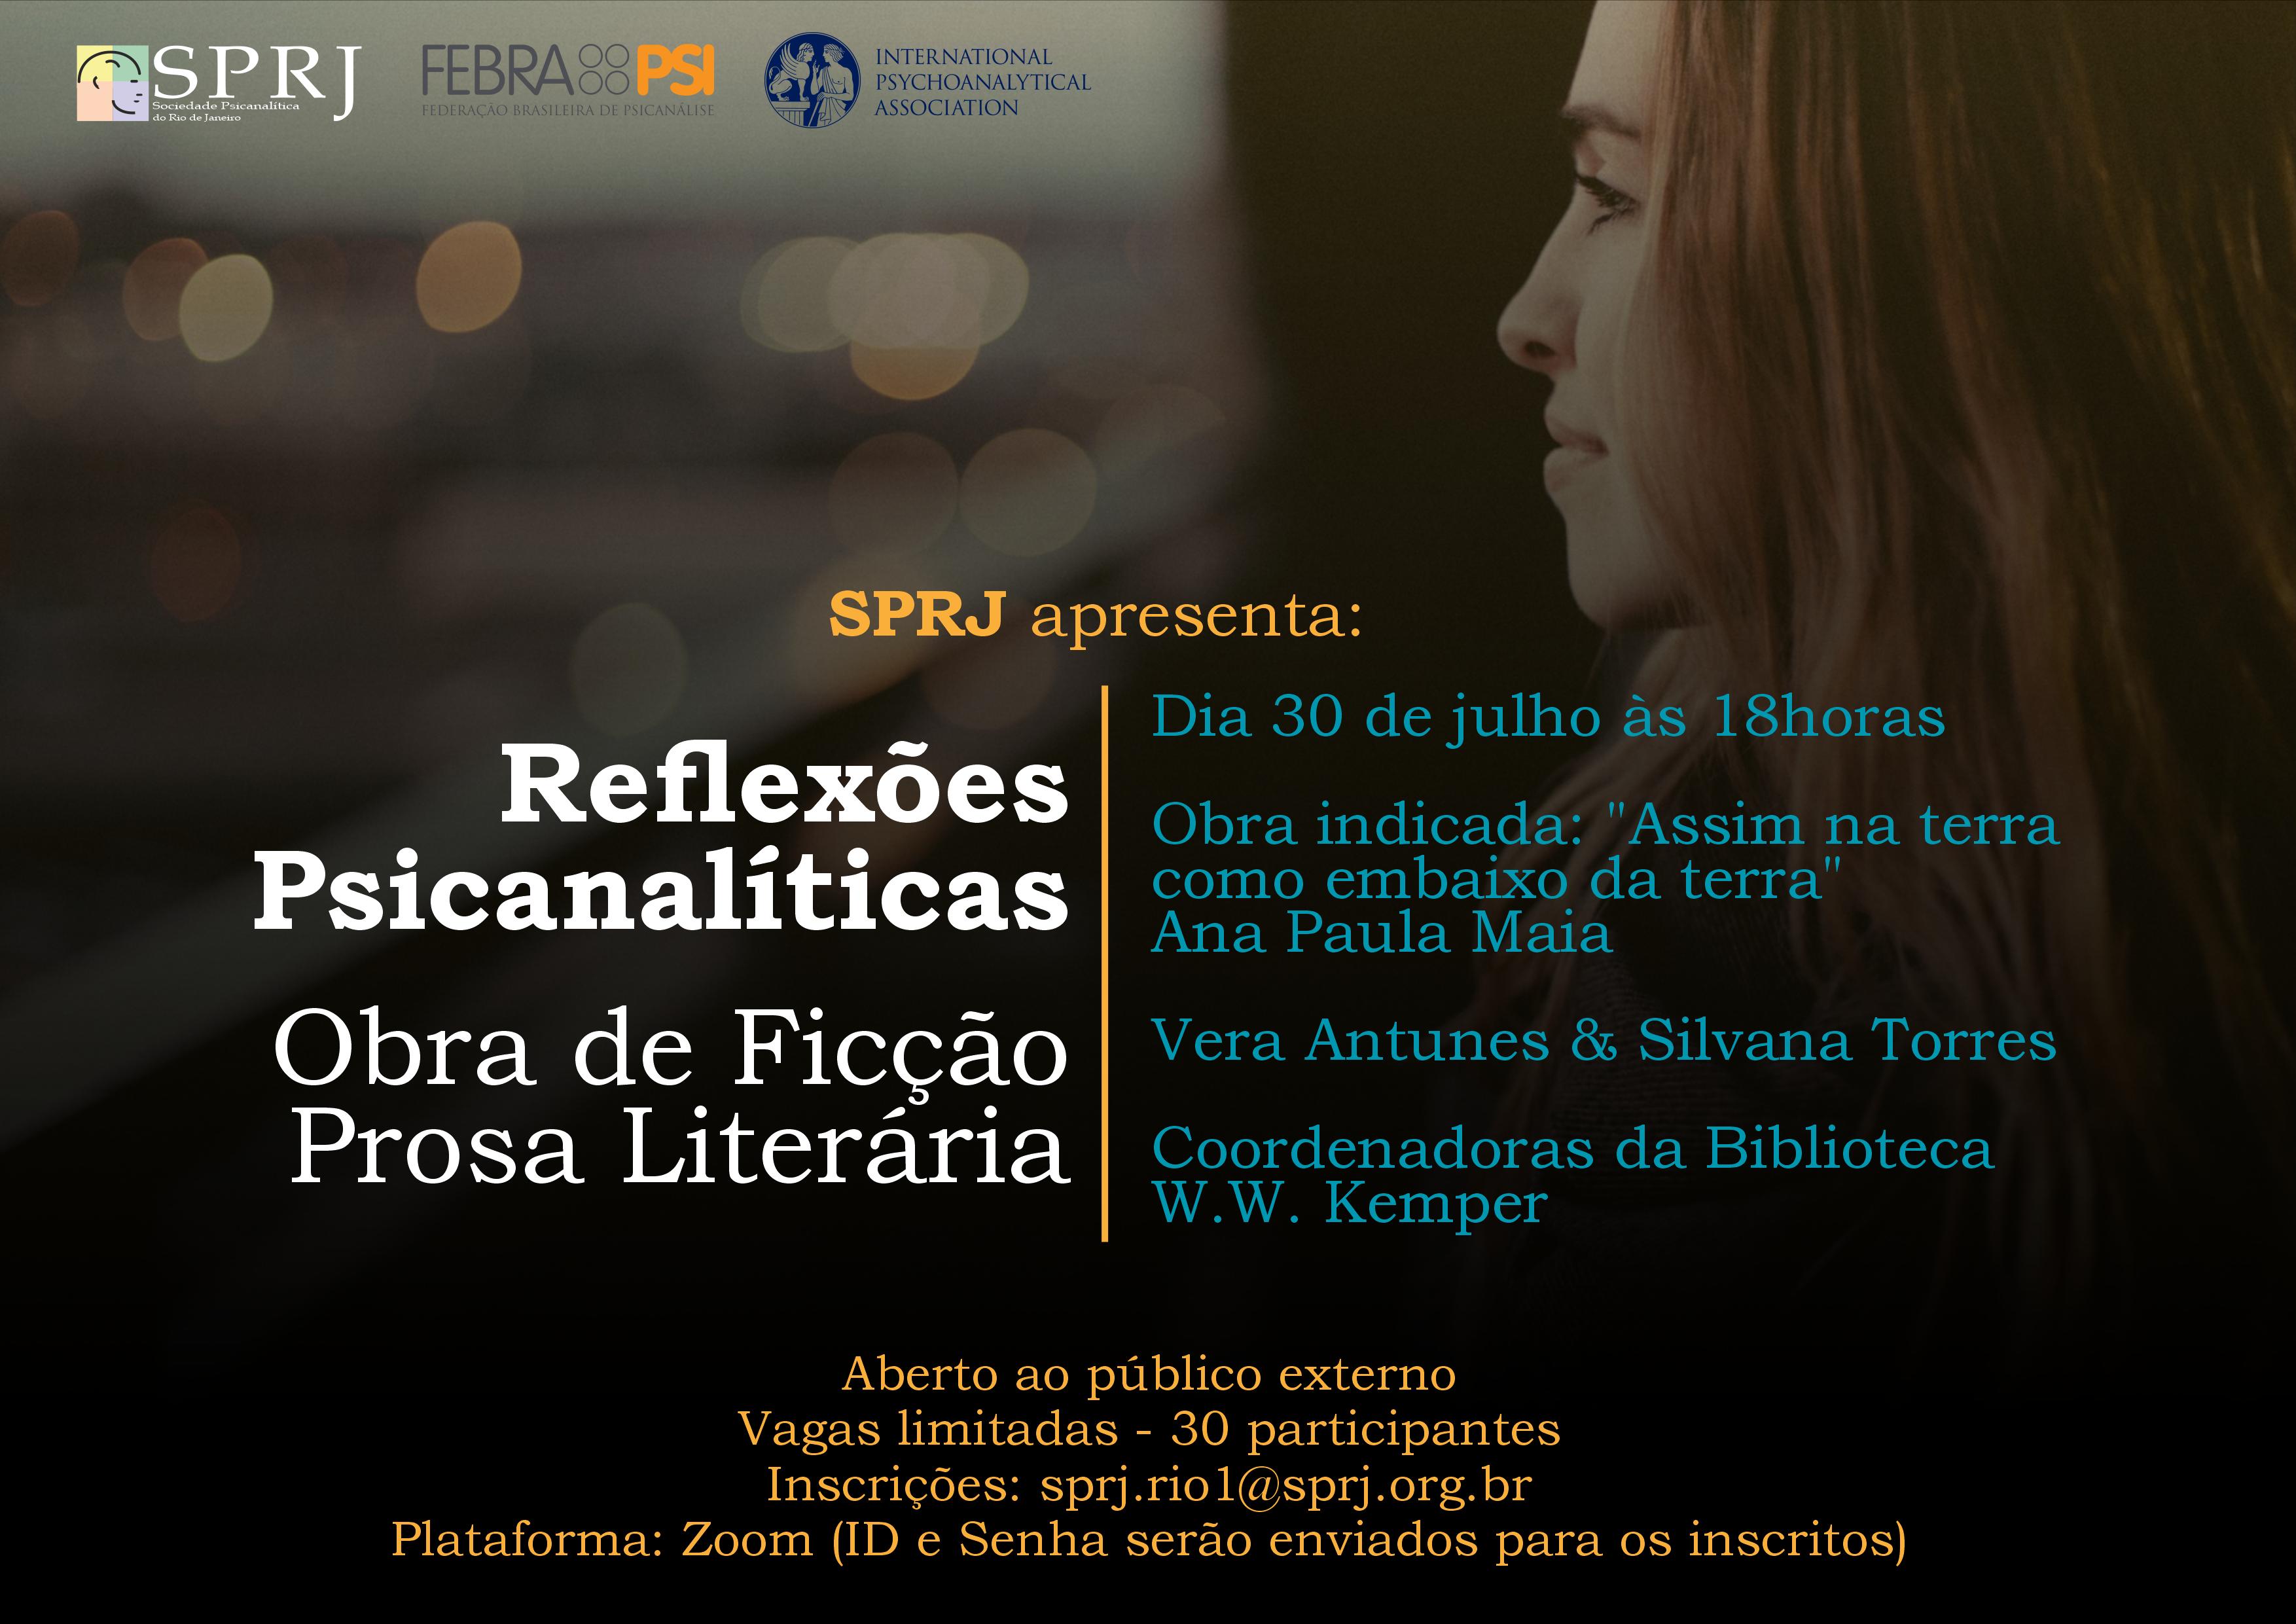 Reflexões Psicanalíticas - Obras de ficção Prosa Literária @ on-line